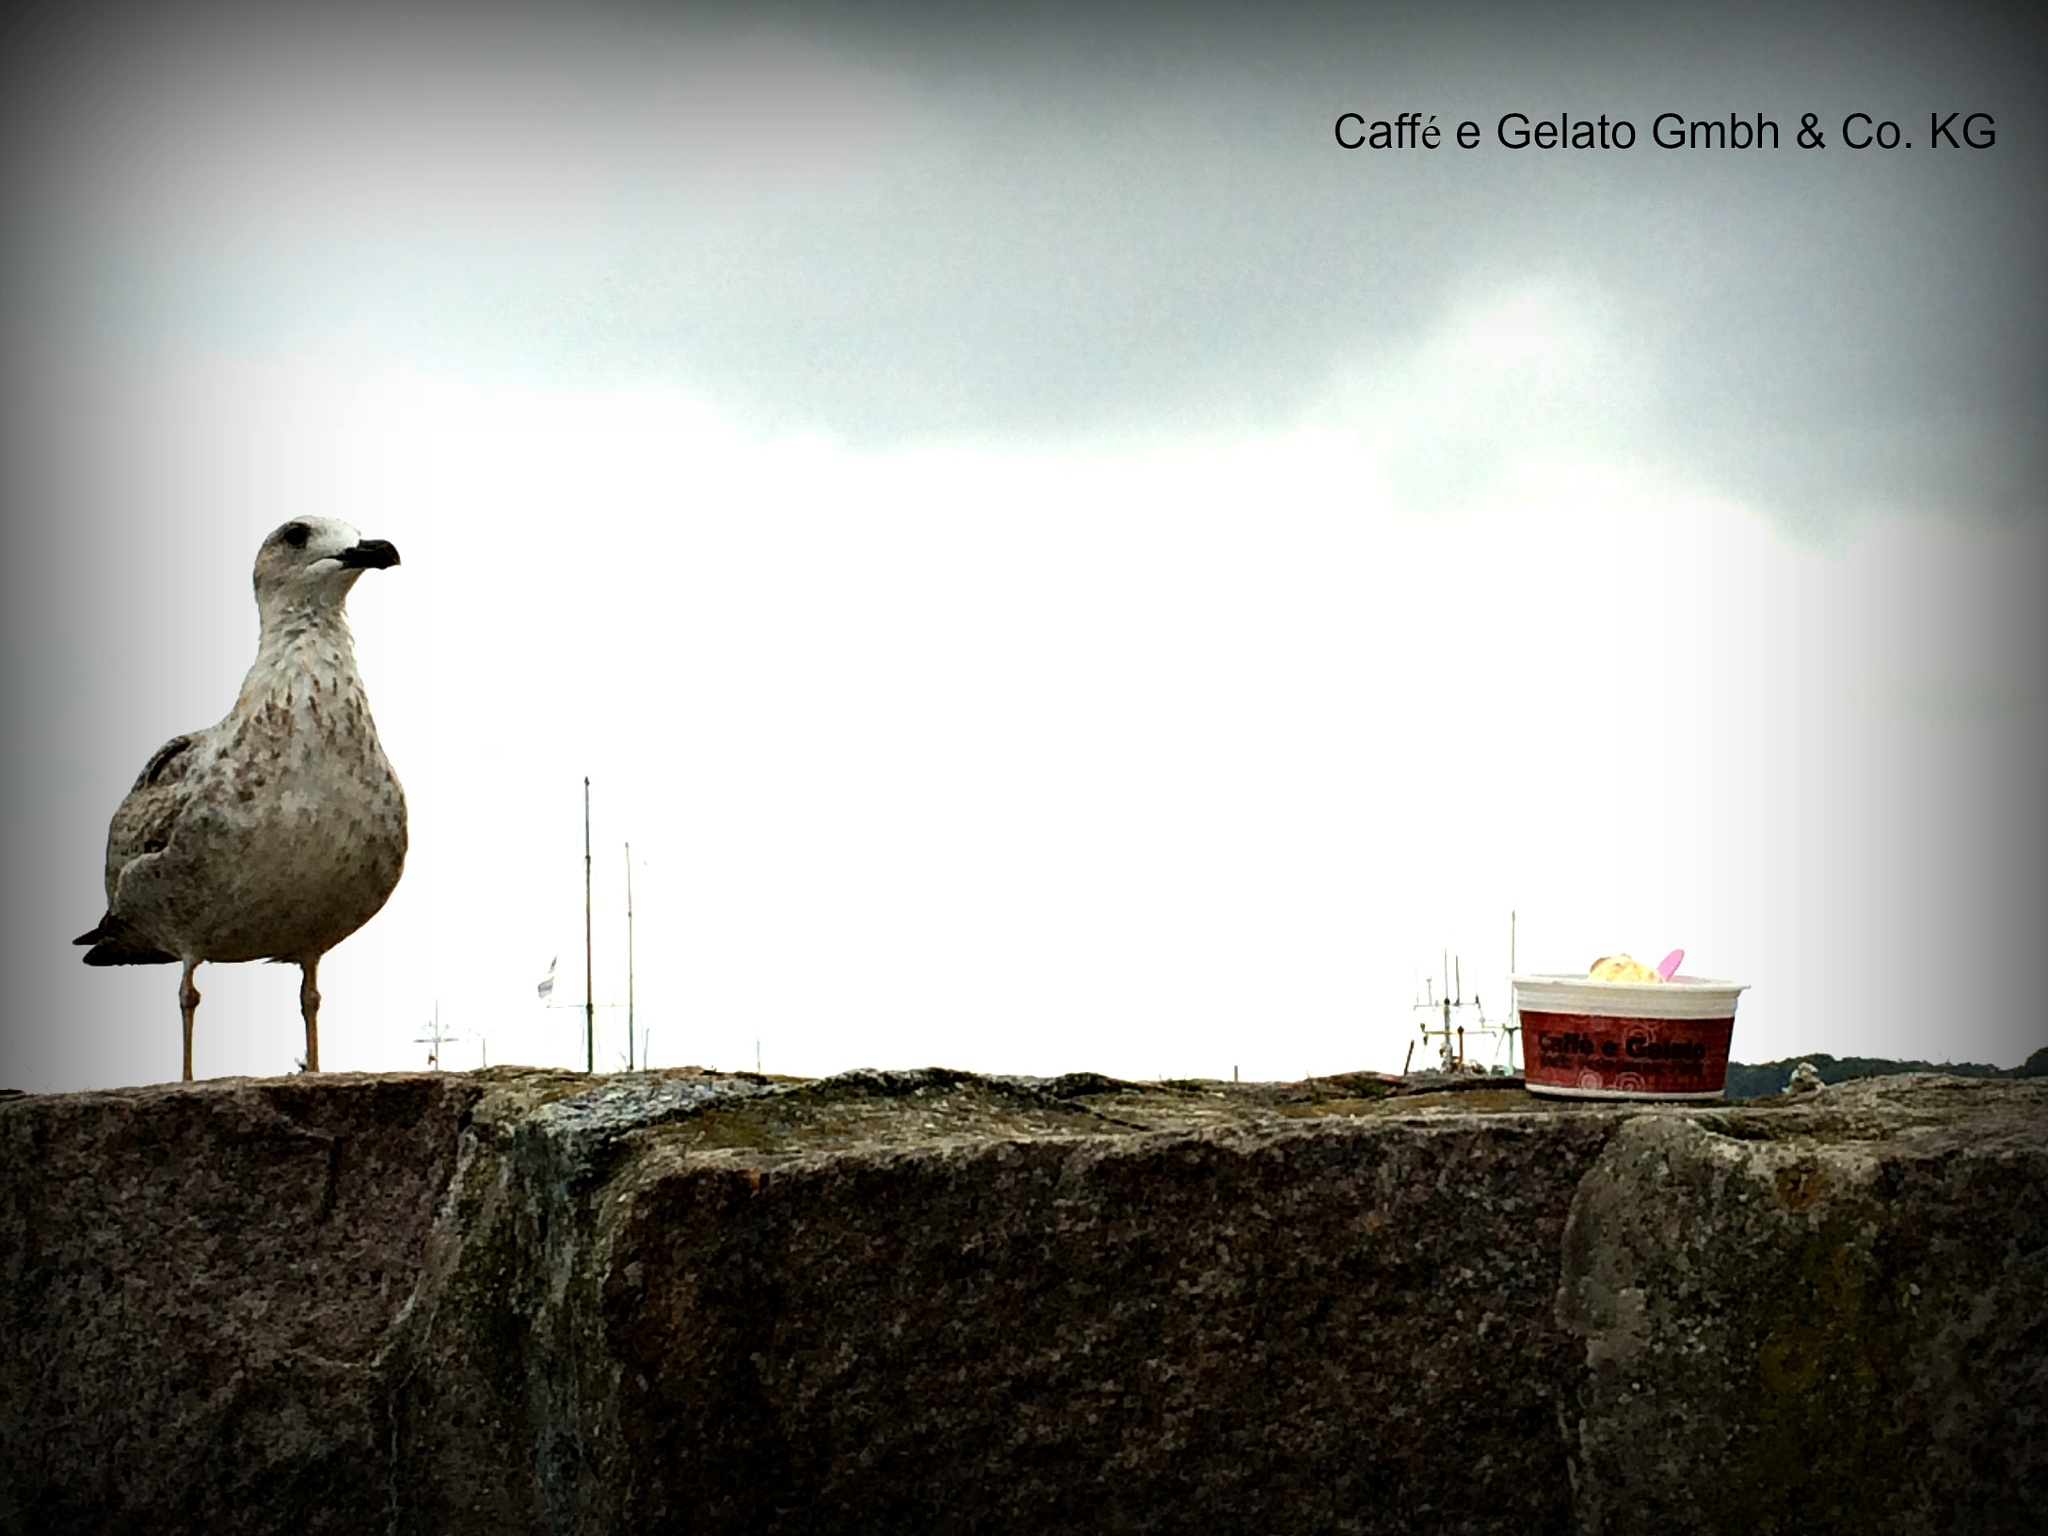 ice cream by Caffe E Gelato